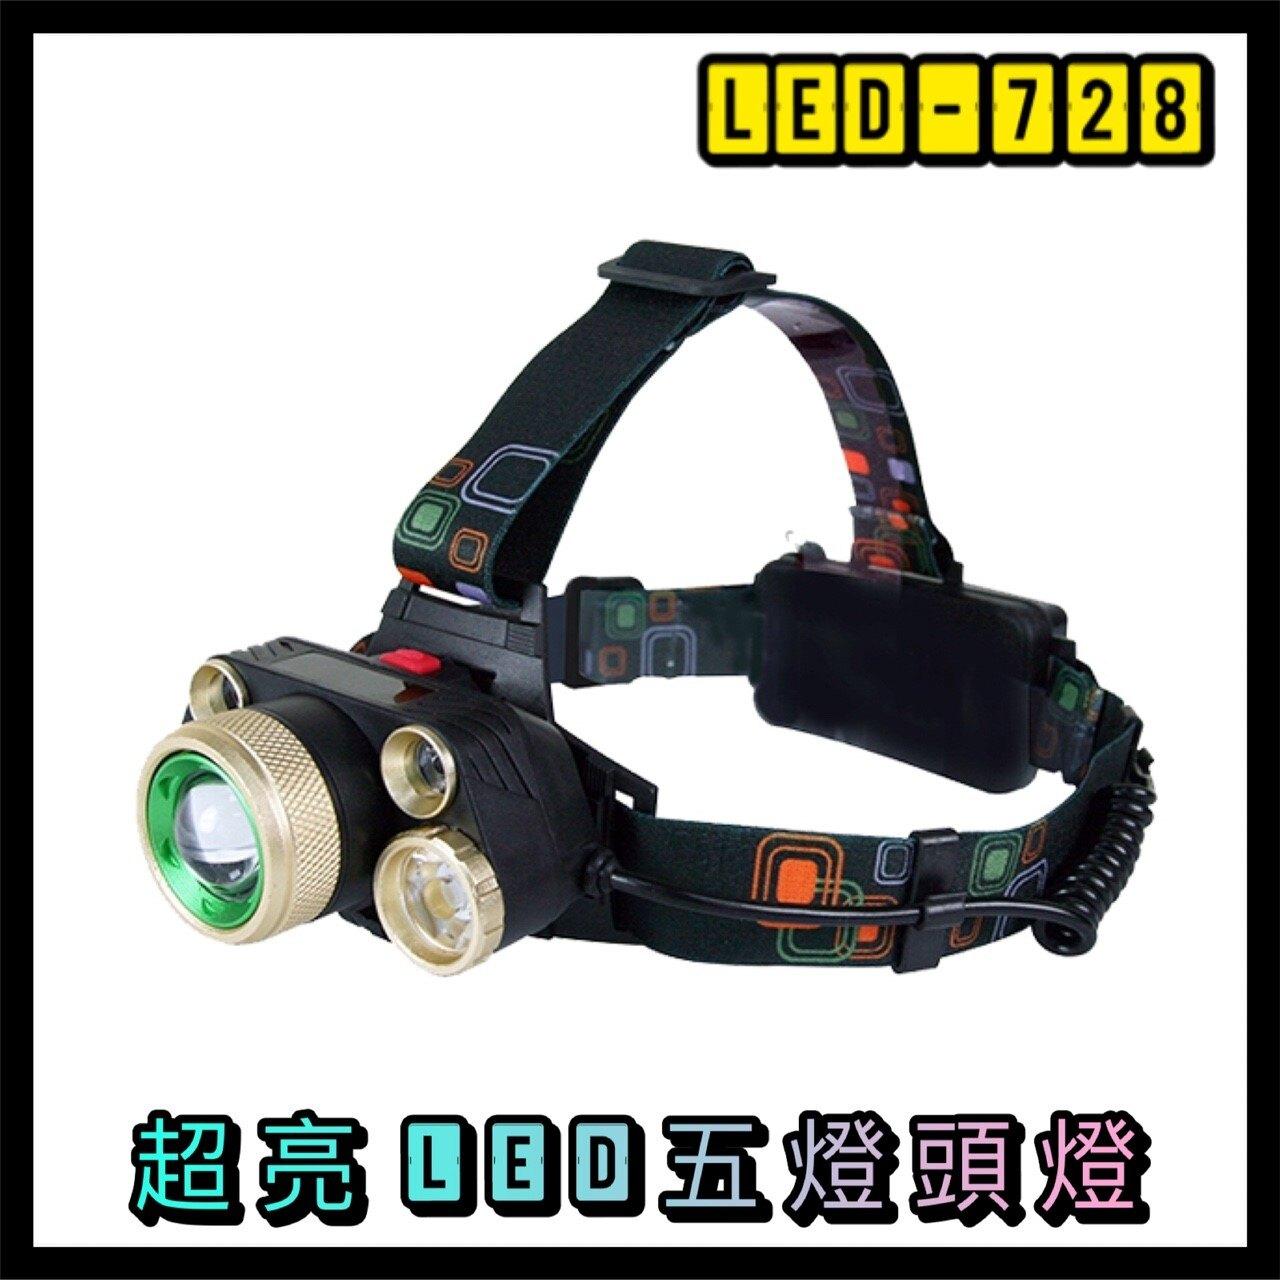 頭燈 耐嘉 KINYO LED-728 超亮LED五燈頭燈 LED 強光 手電筒 4段式調光 五燈頭設計 贈18650鋰電池